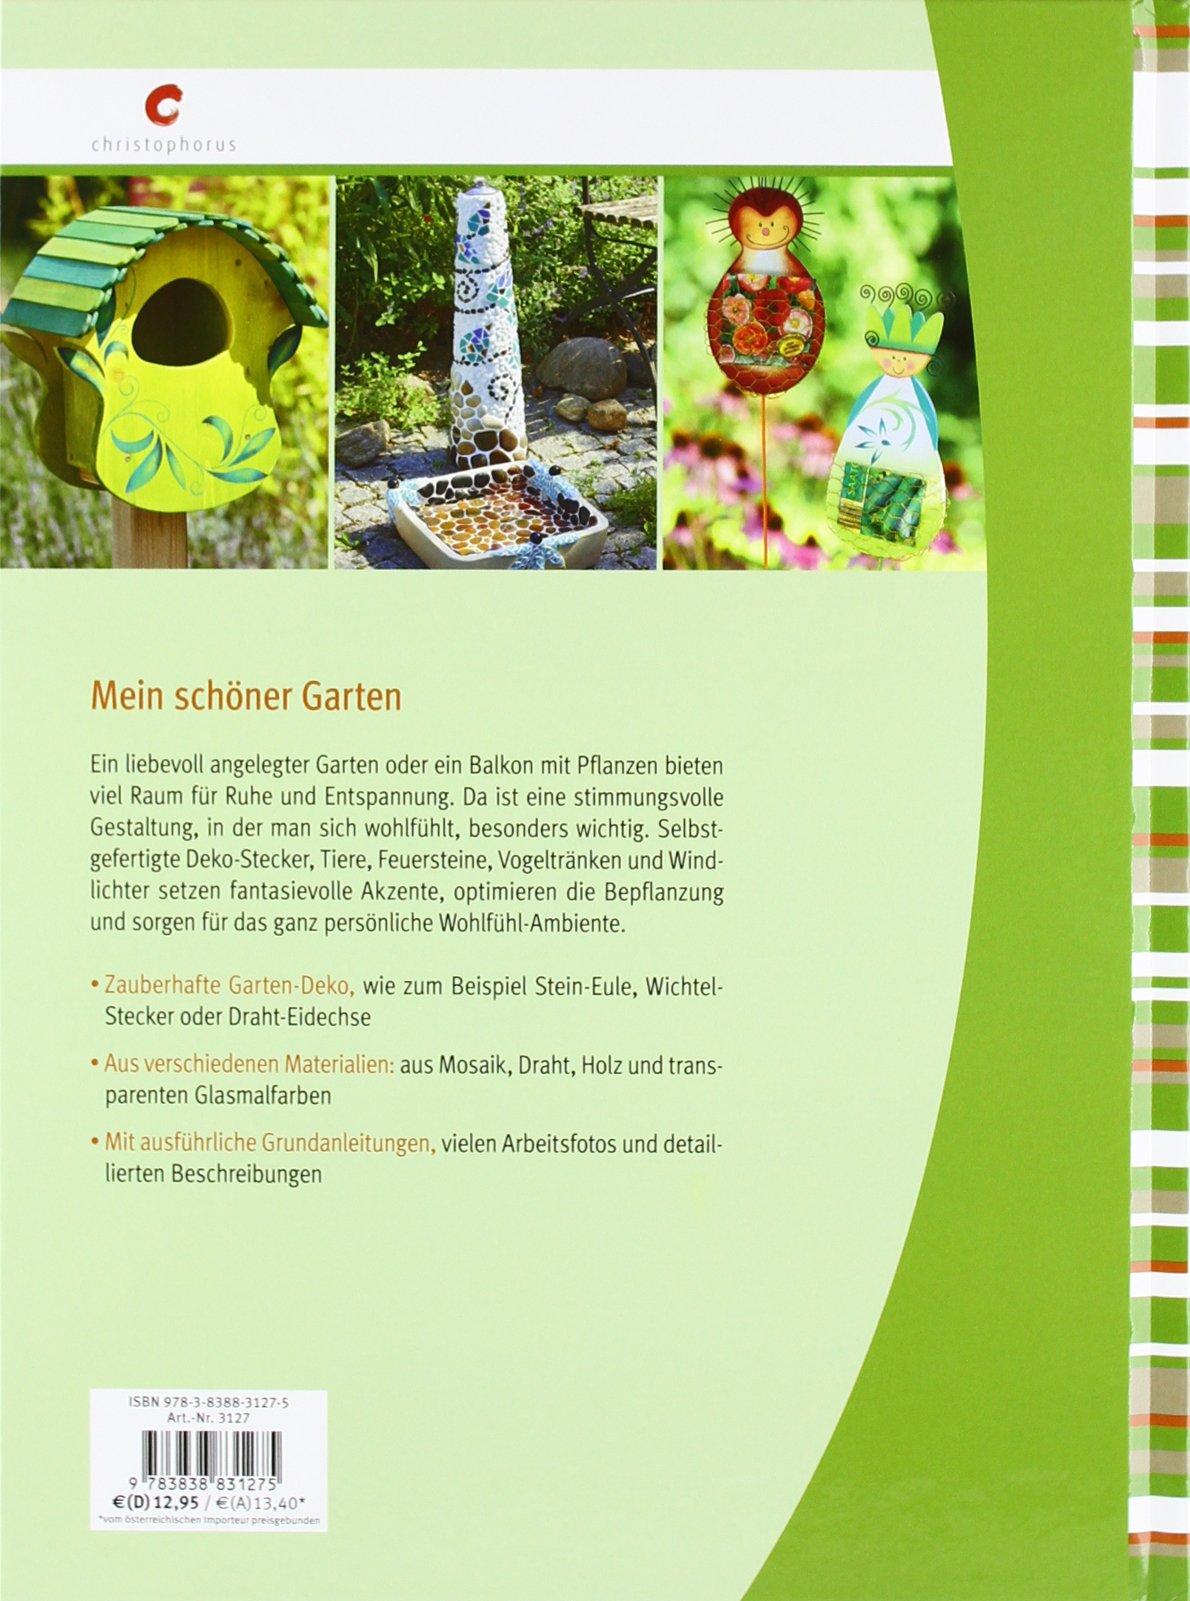 Garten-Deko aus Holz, Mosaik und Draht: 9783838831275: Amazon.com: Books